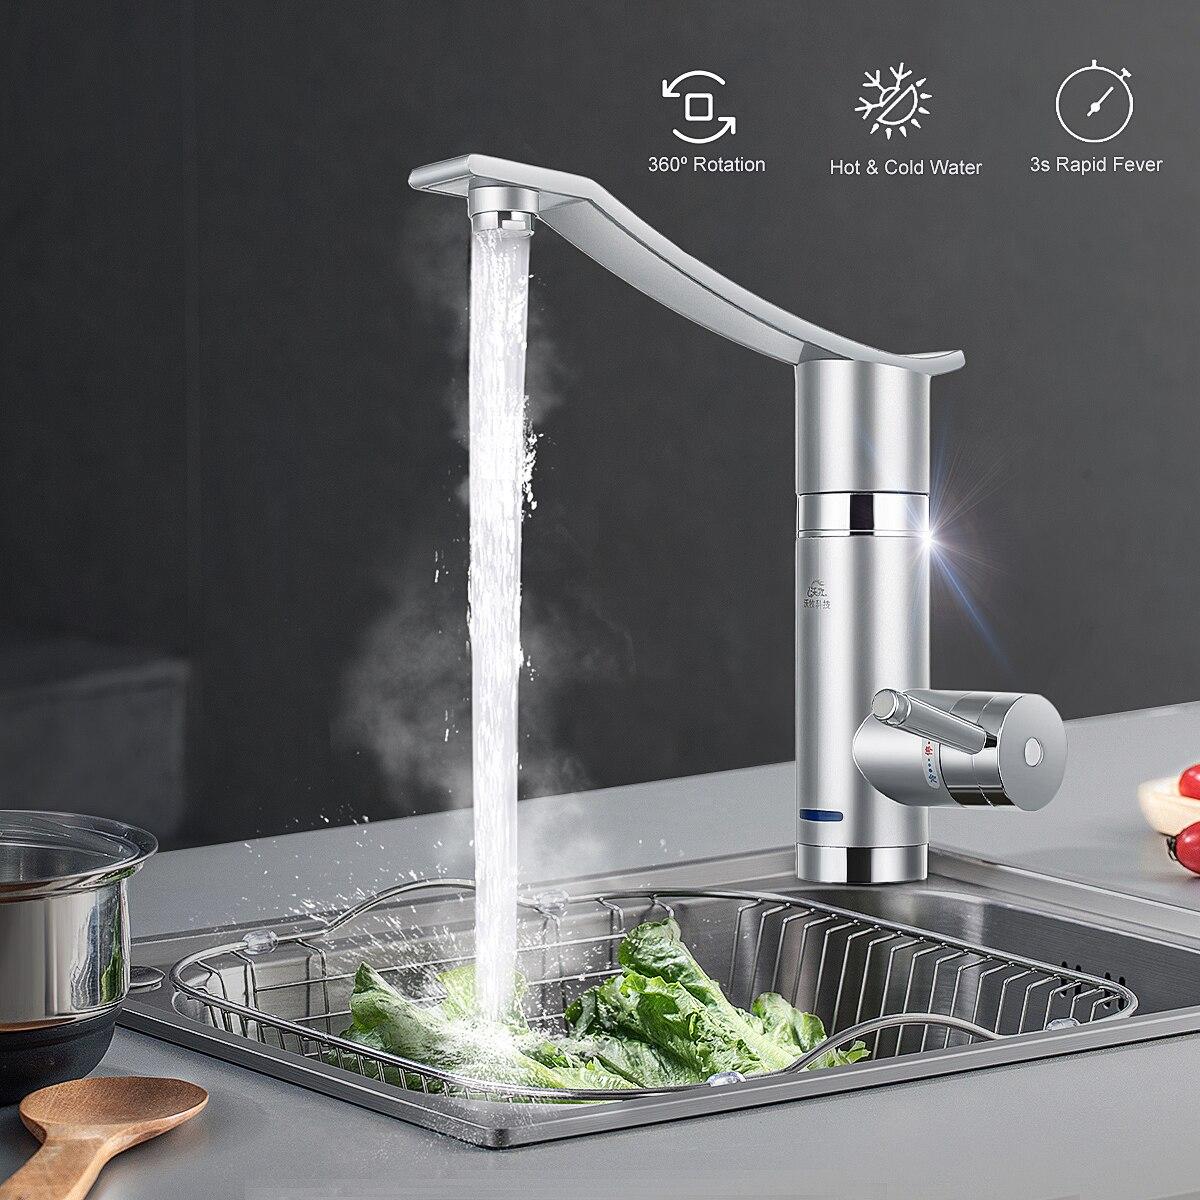 3000 Вт Мгновенный Электрический кран горячей воды электрические водонагреватели под подачей/боковой воды без защиты от утечки